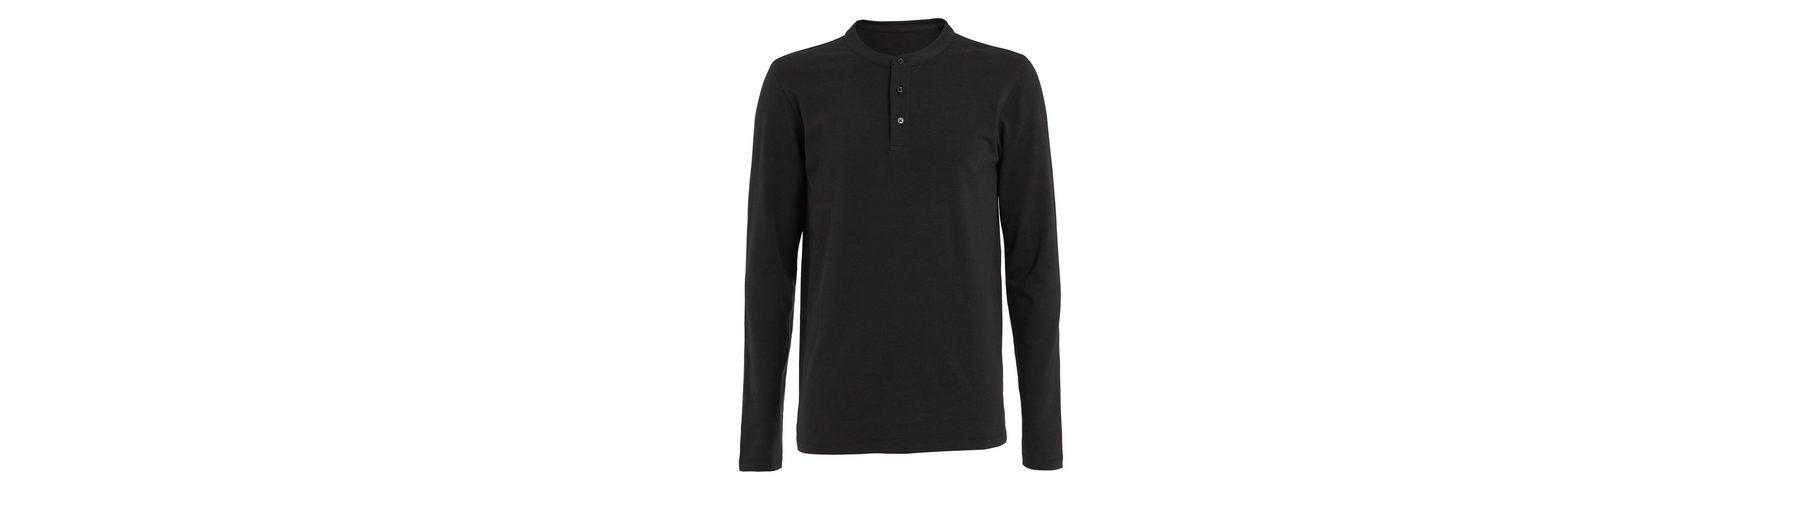 Next Muscle-Fit Grandad-Shirt mit langen Ärmeln Beliebt Günstiger Preis Großhandelspreis Von Freiem Verschiffen Des Porzellans Sast Günstiger Preis gd44RyGE0S